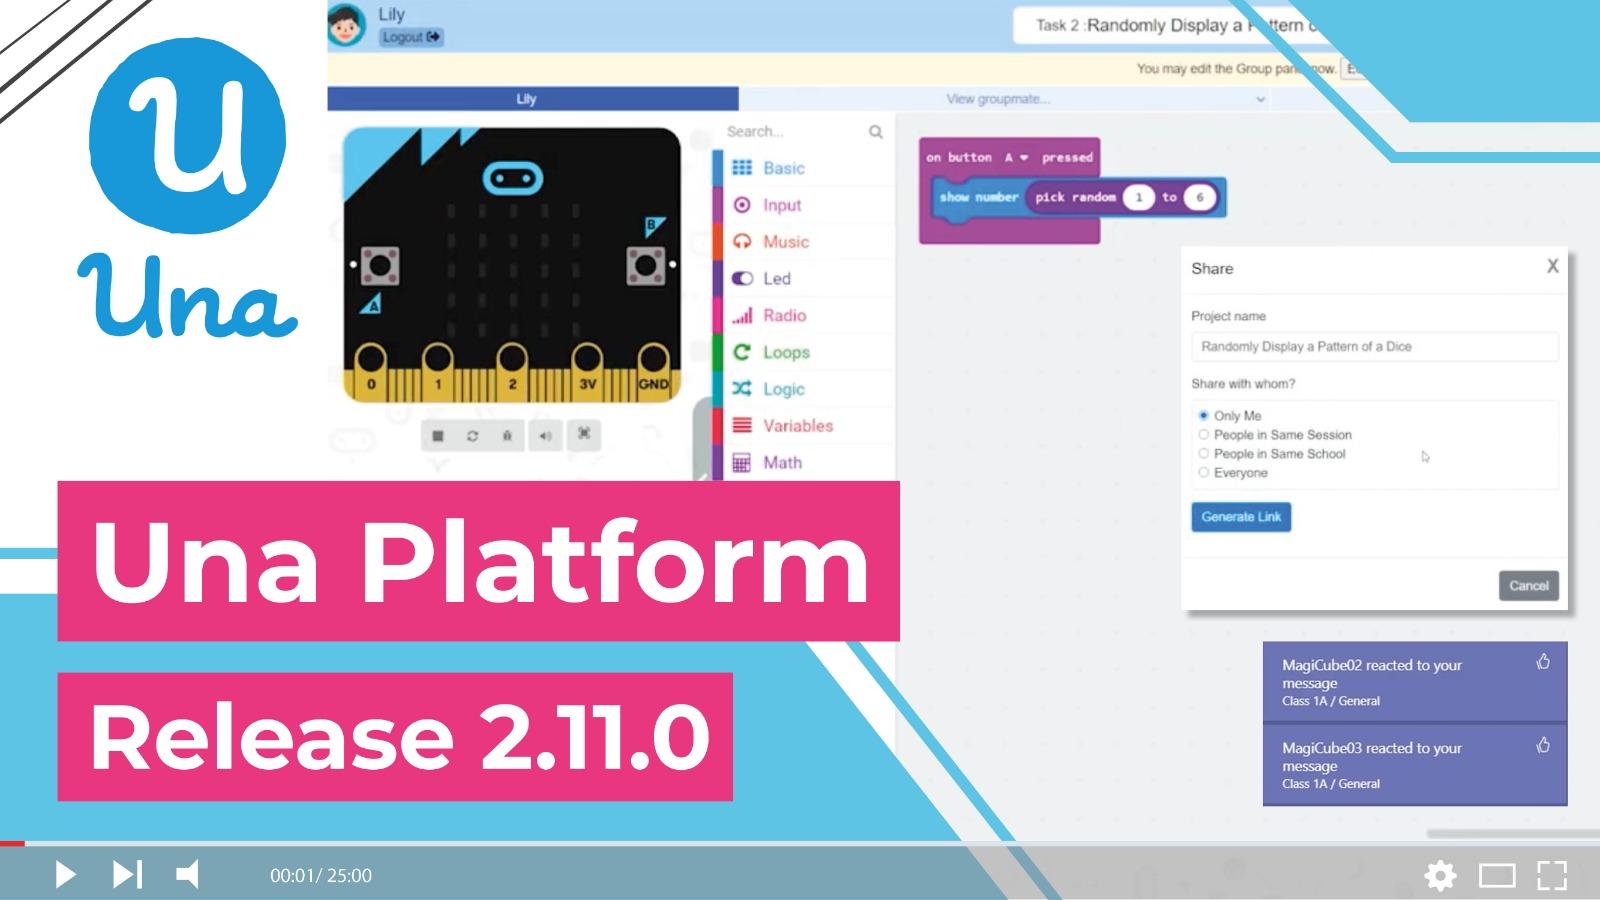 Una Platform - Release 2.11.0: Shareable Link